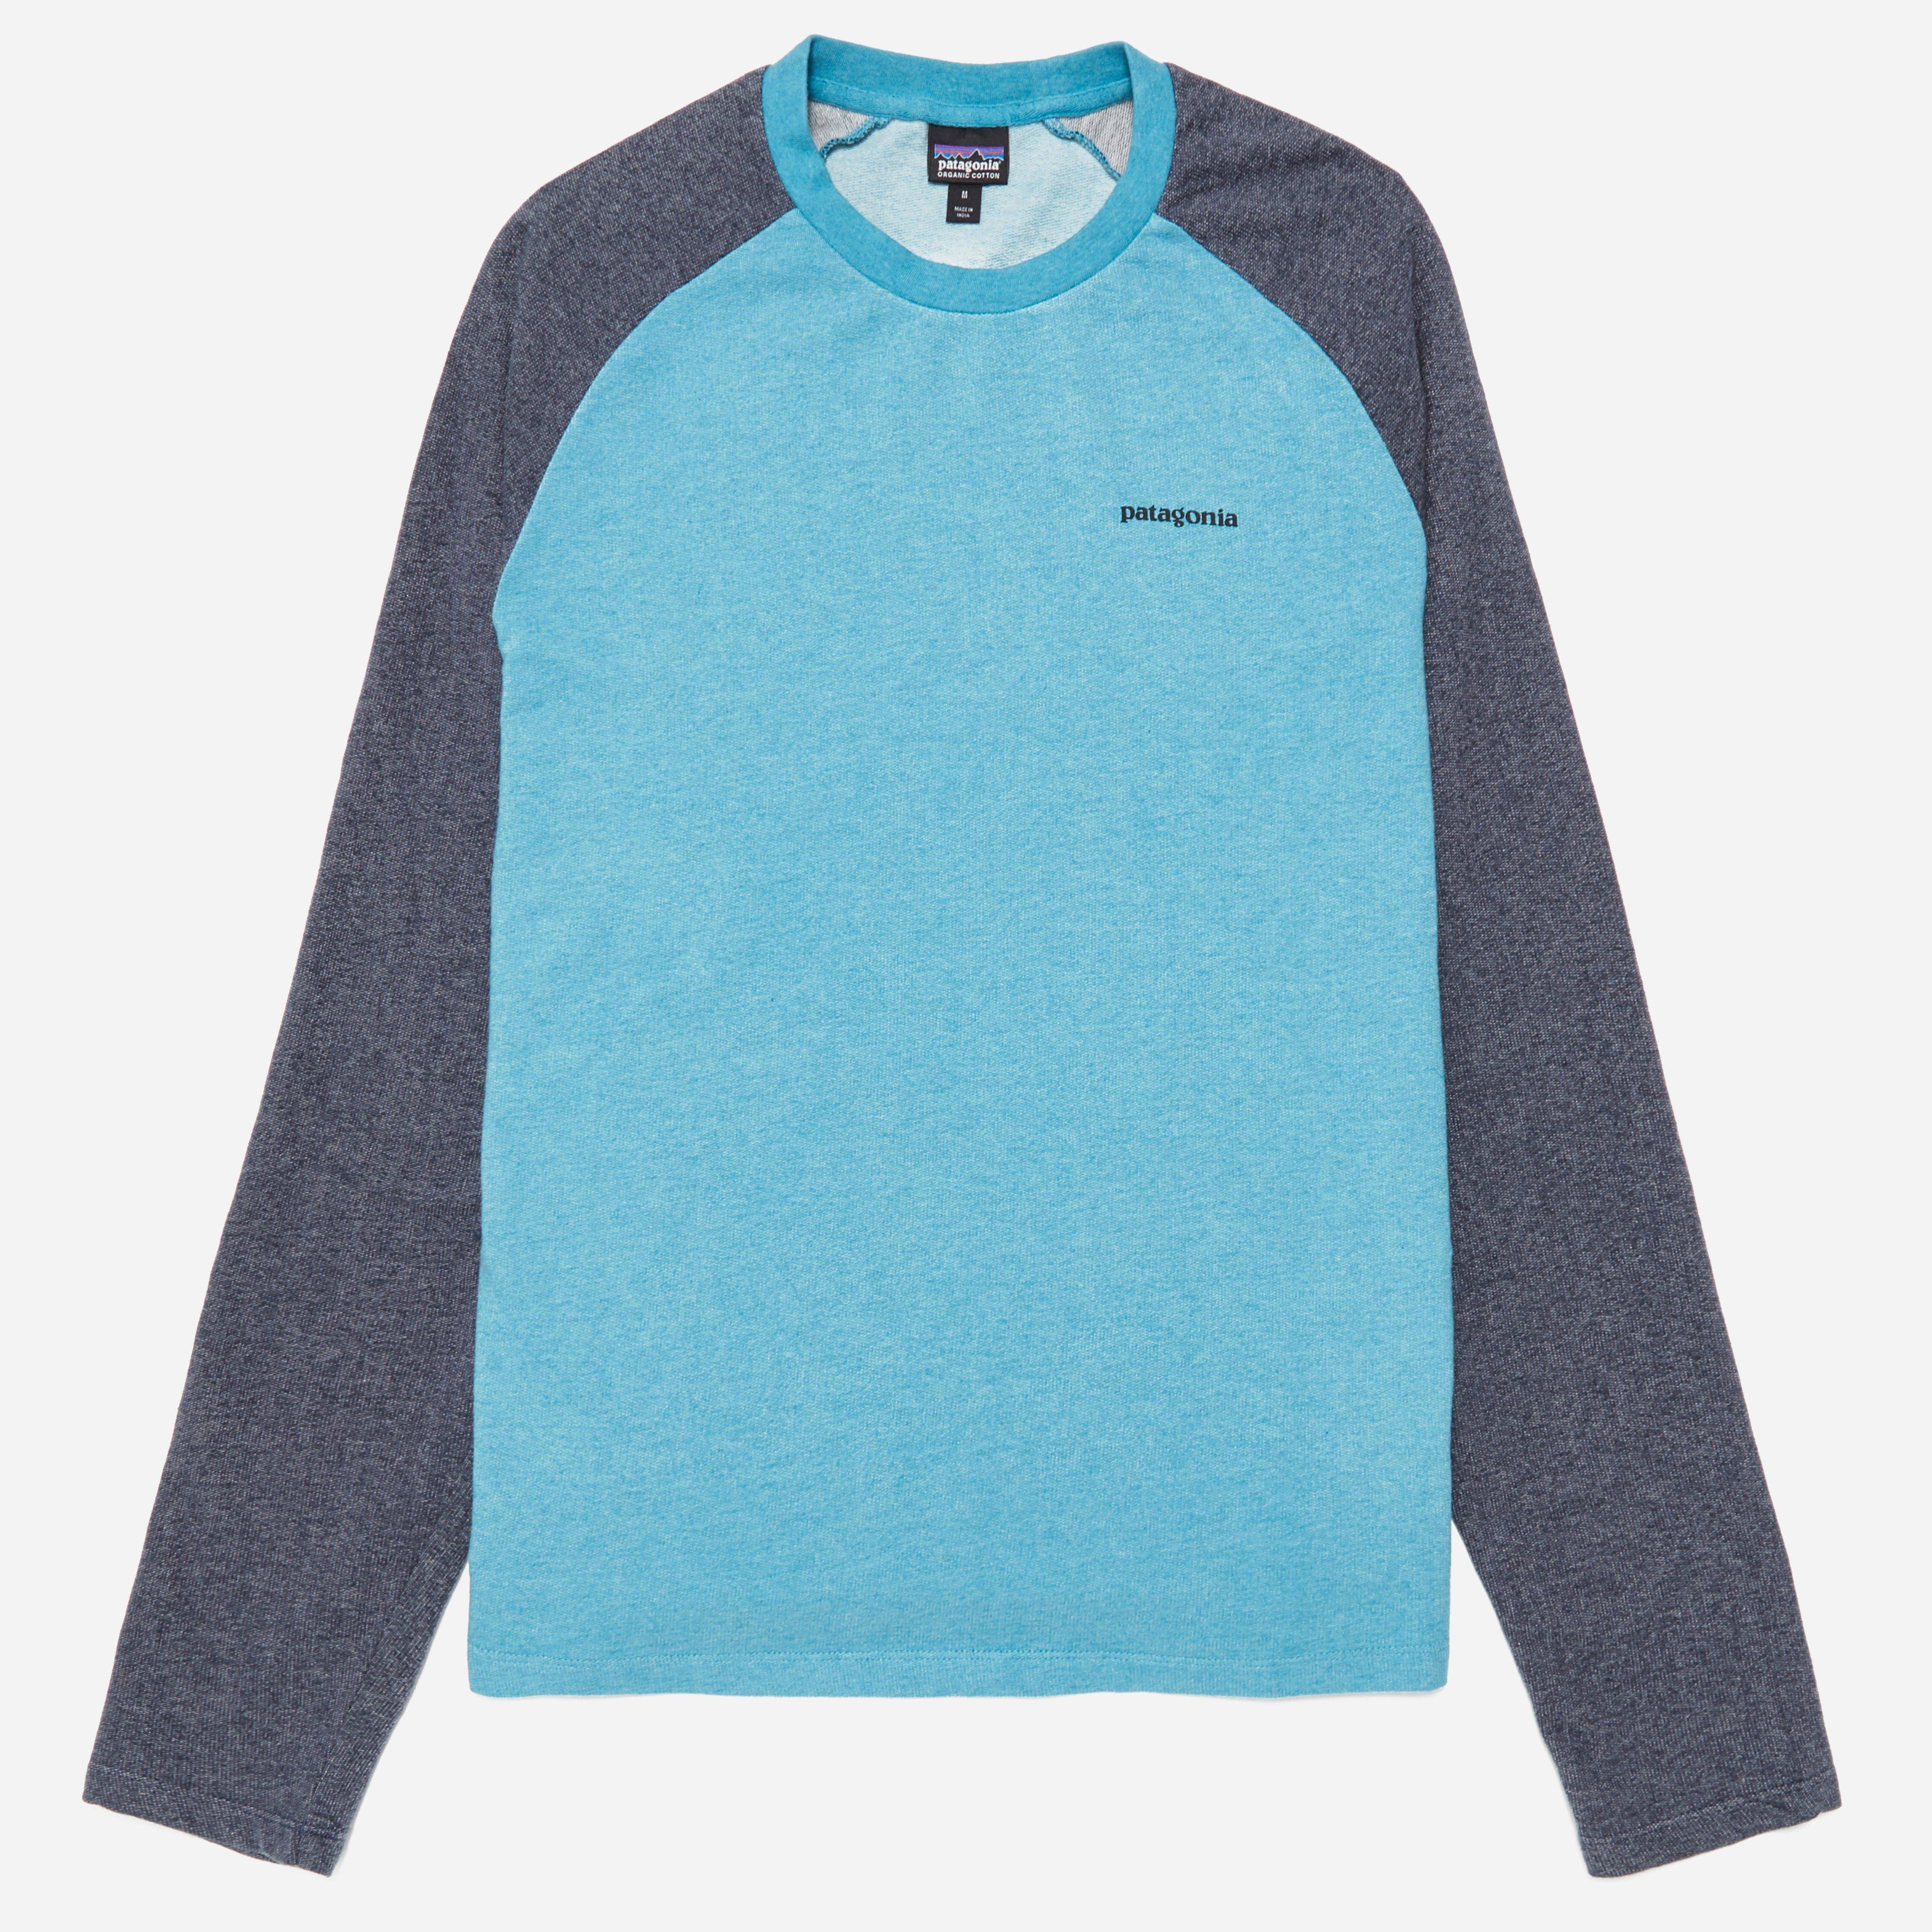 Patagonia P6Logo LW Crew Sweatshirt